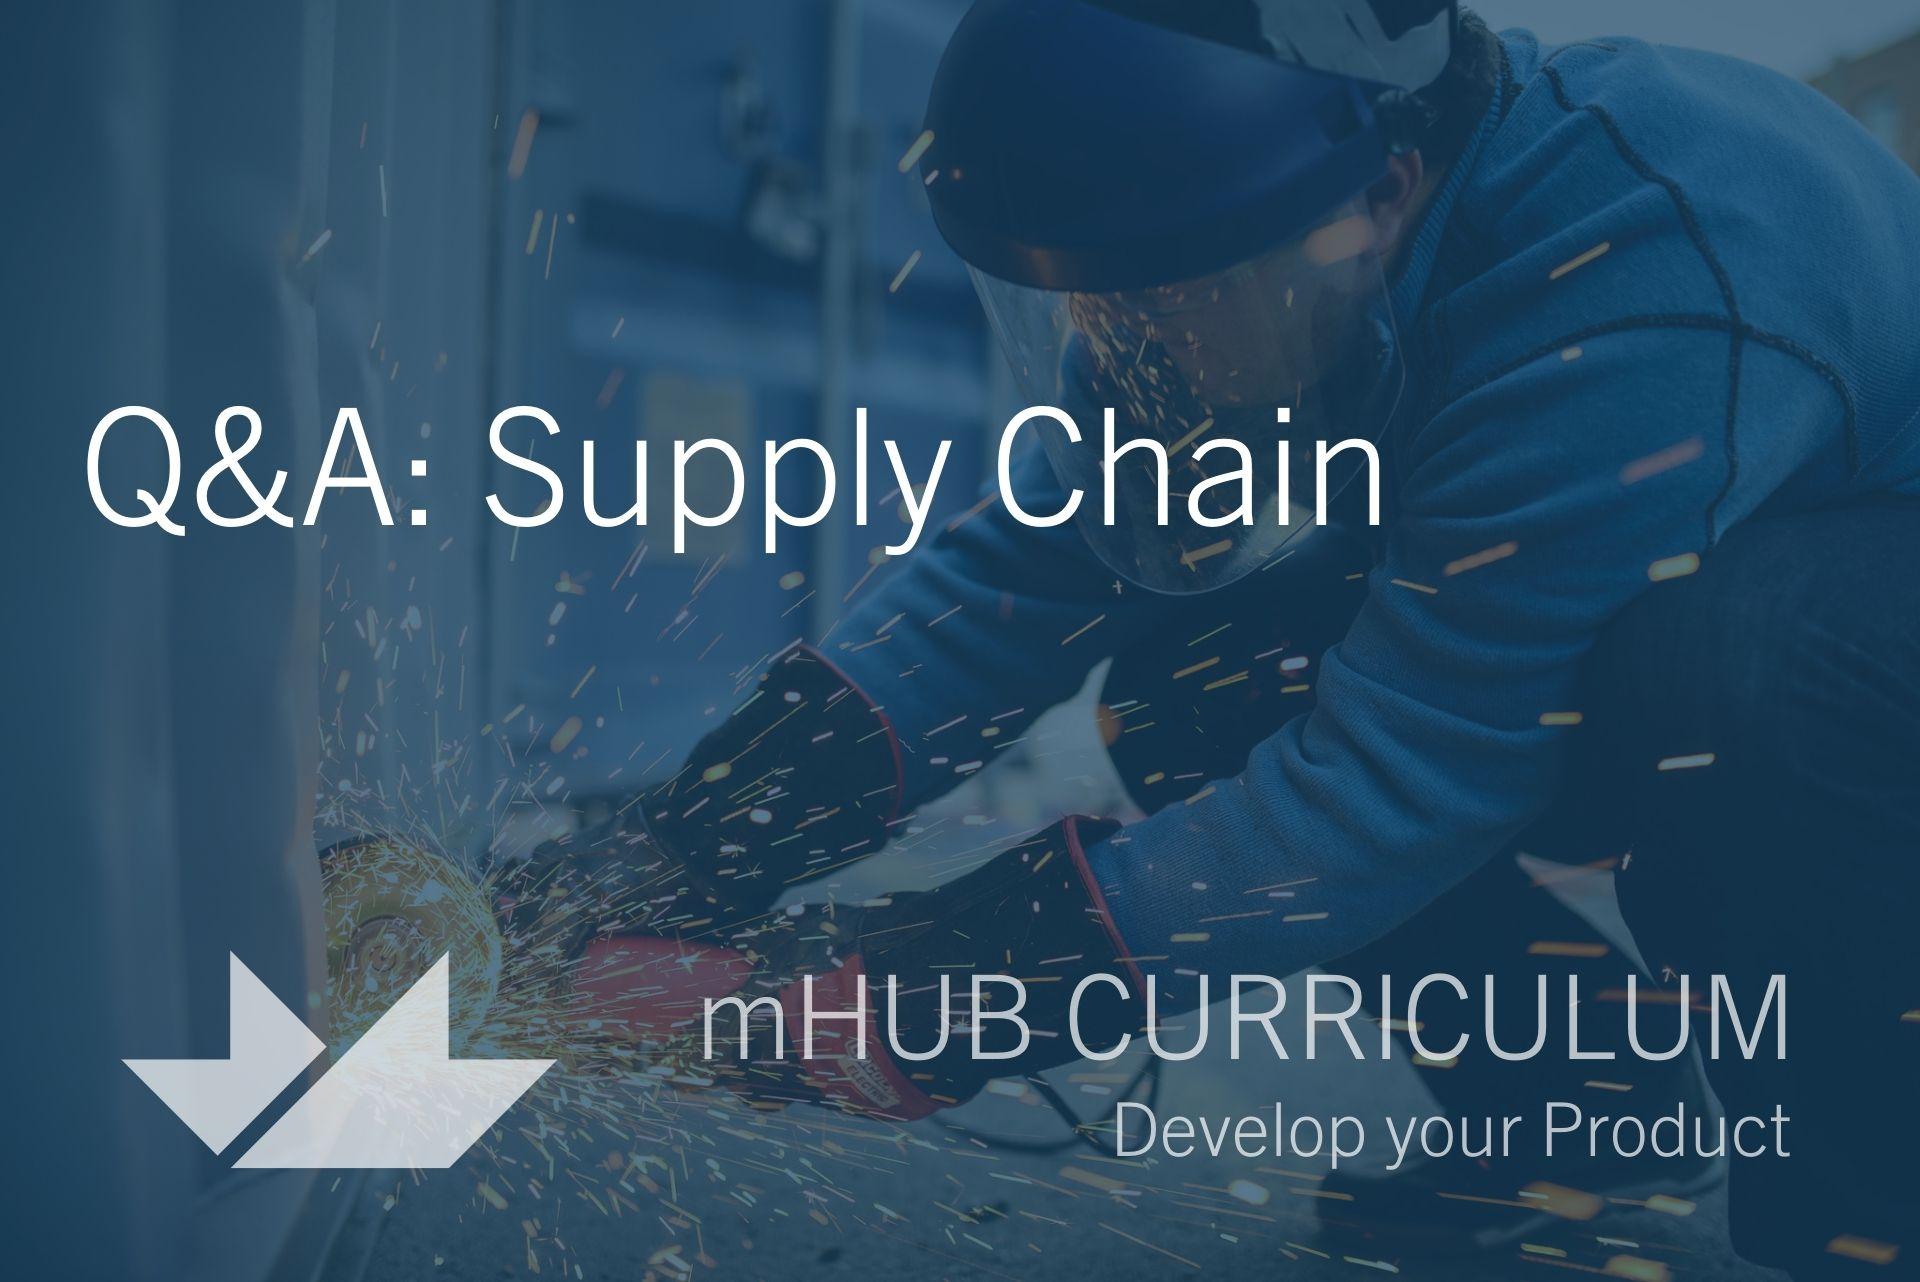 Q&A: Supply Chain